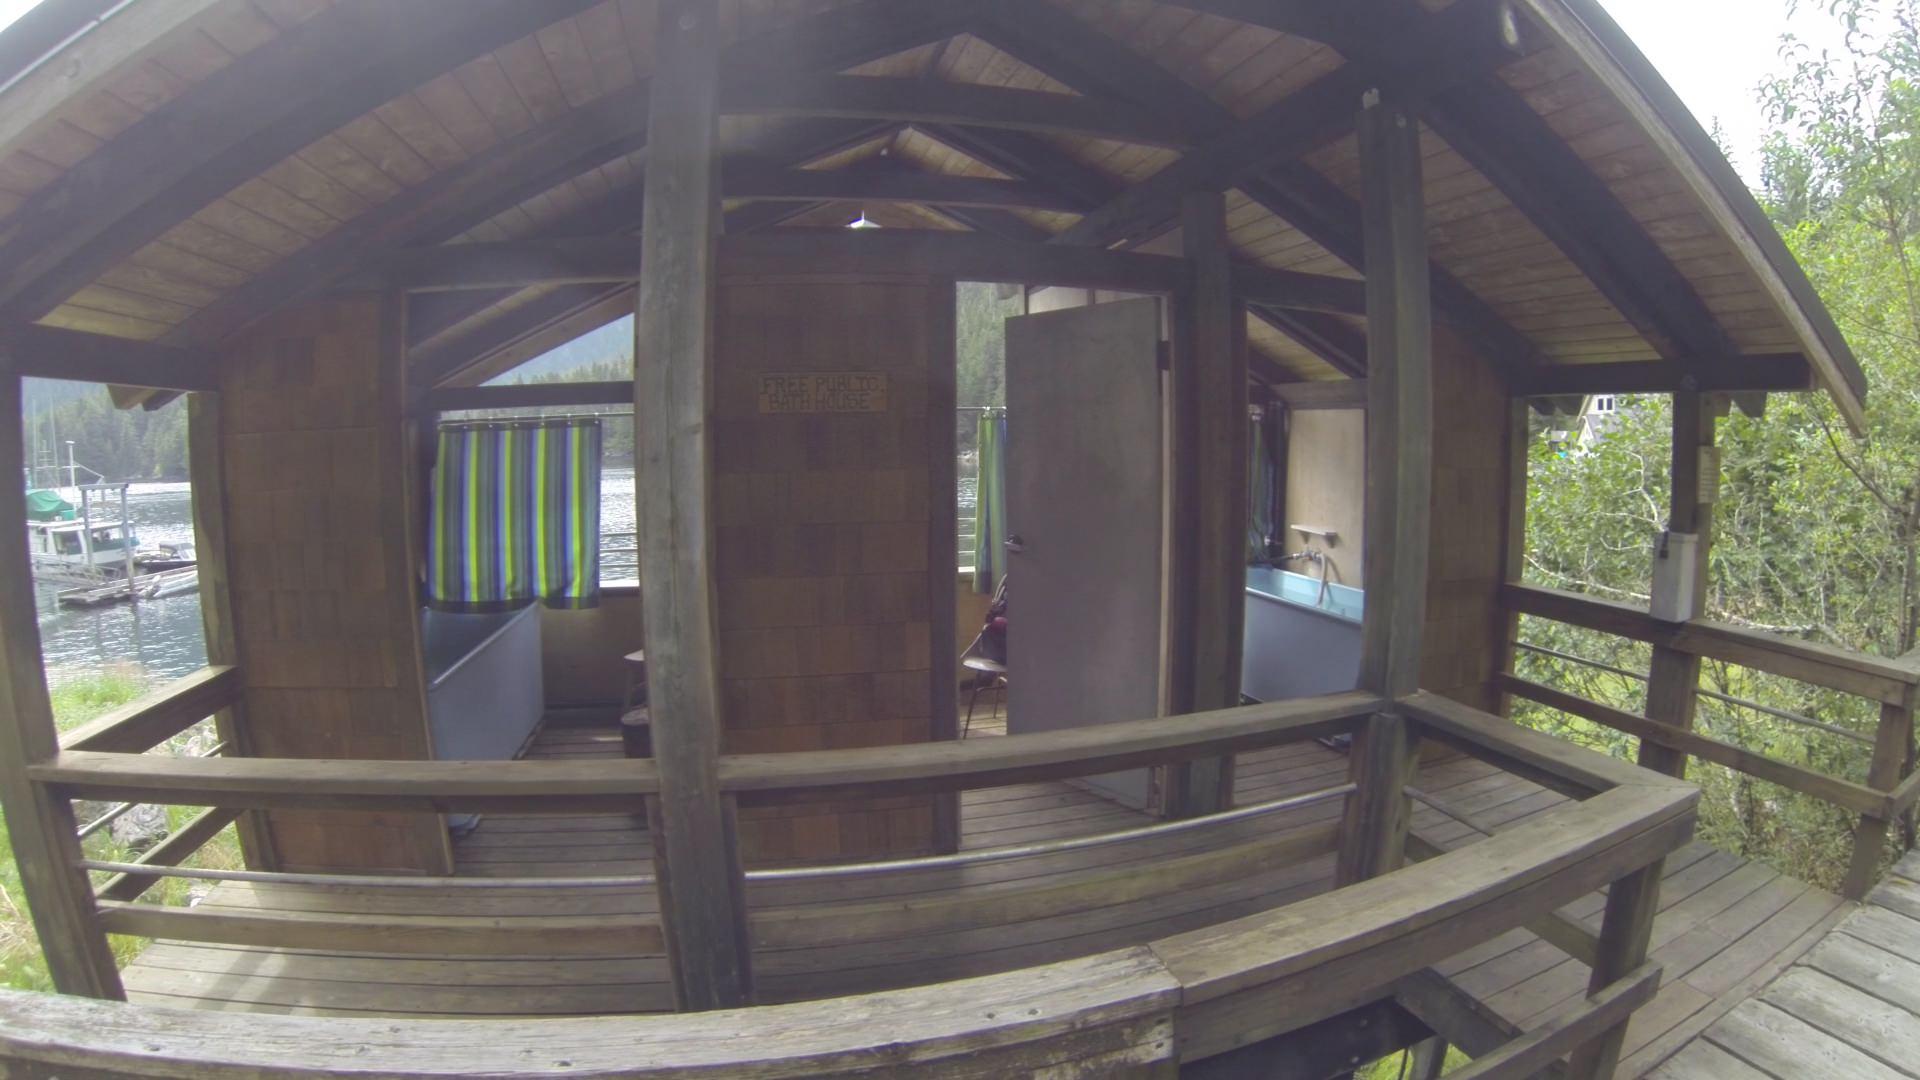 vlcsnap-2016-08-03-12h09m49s867